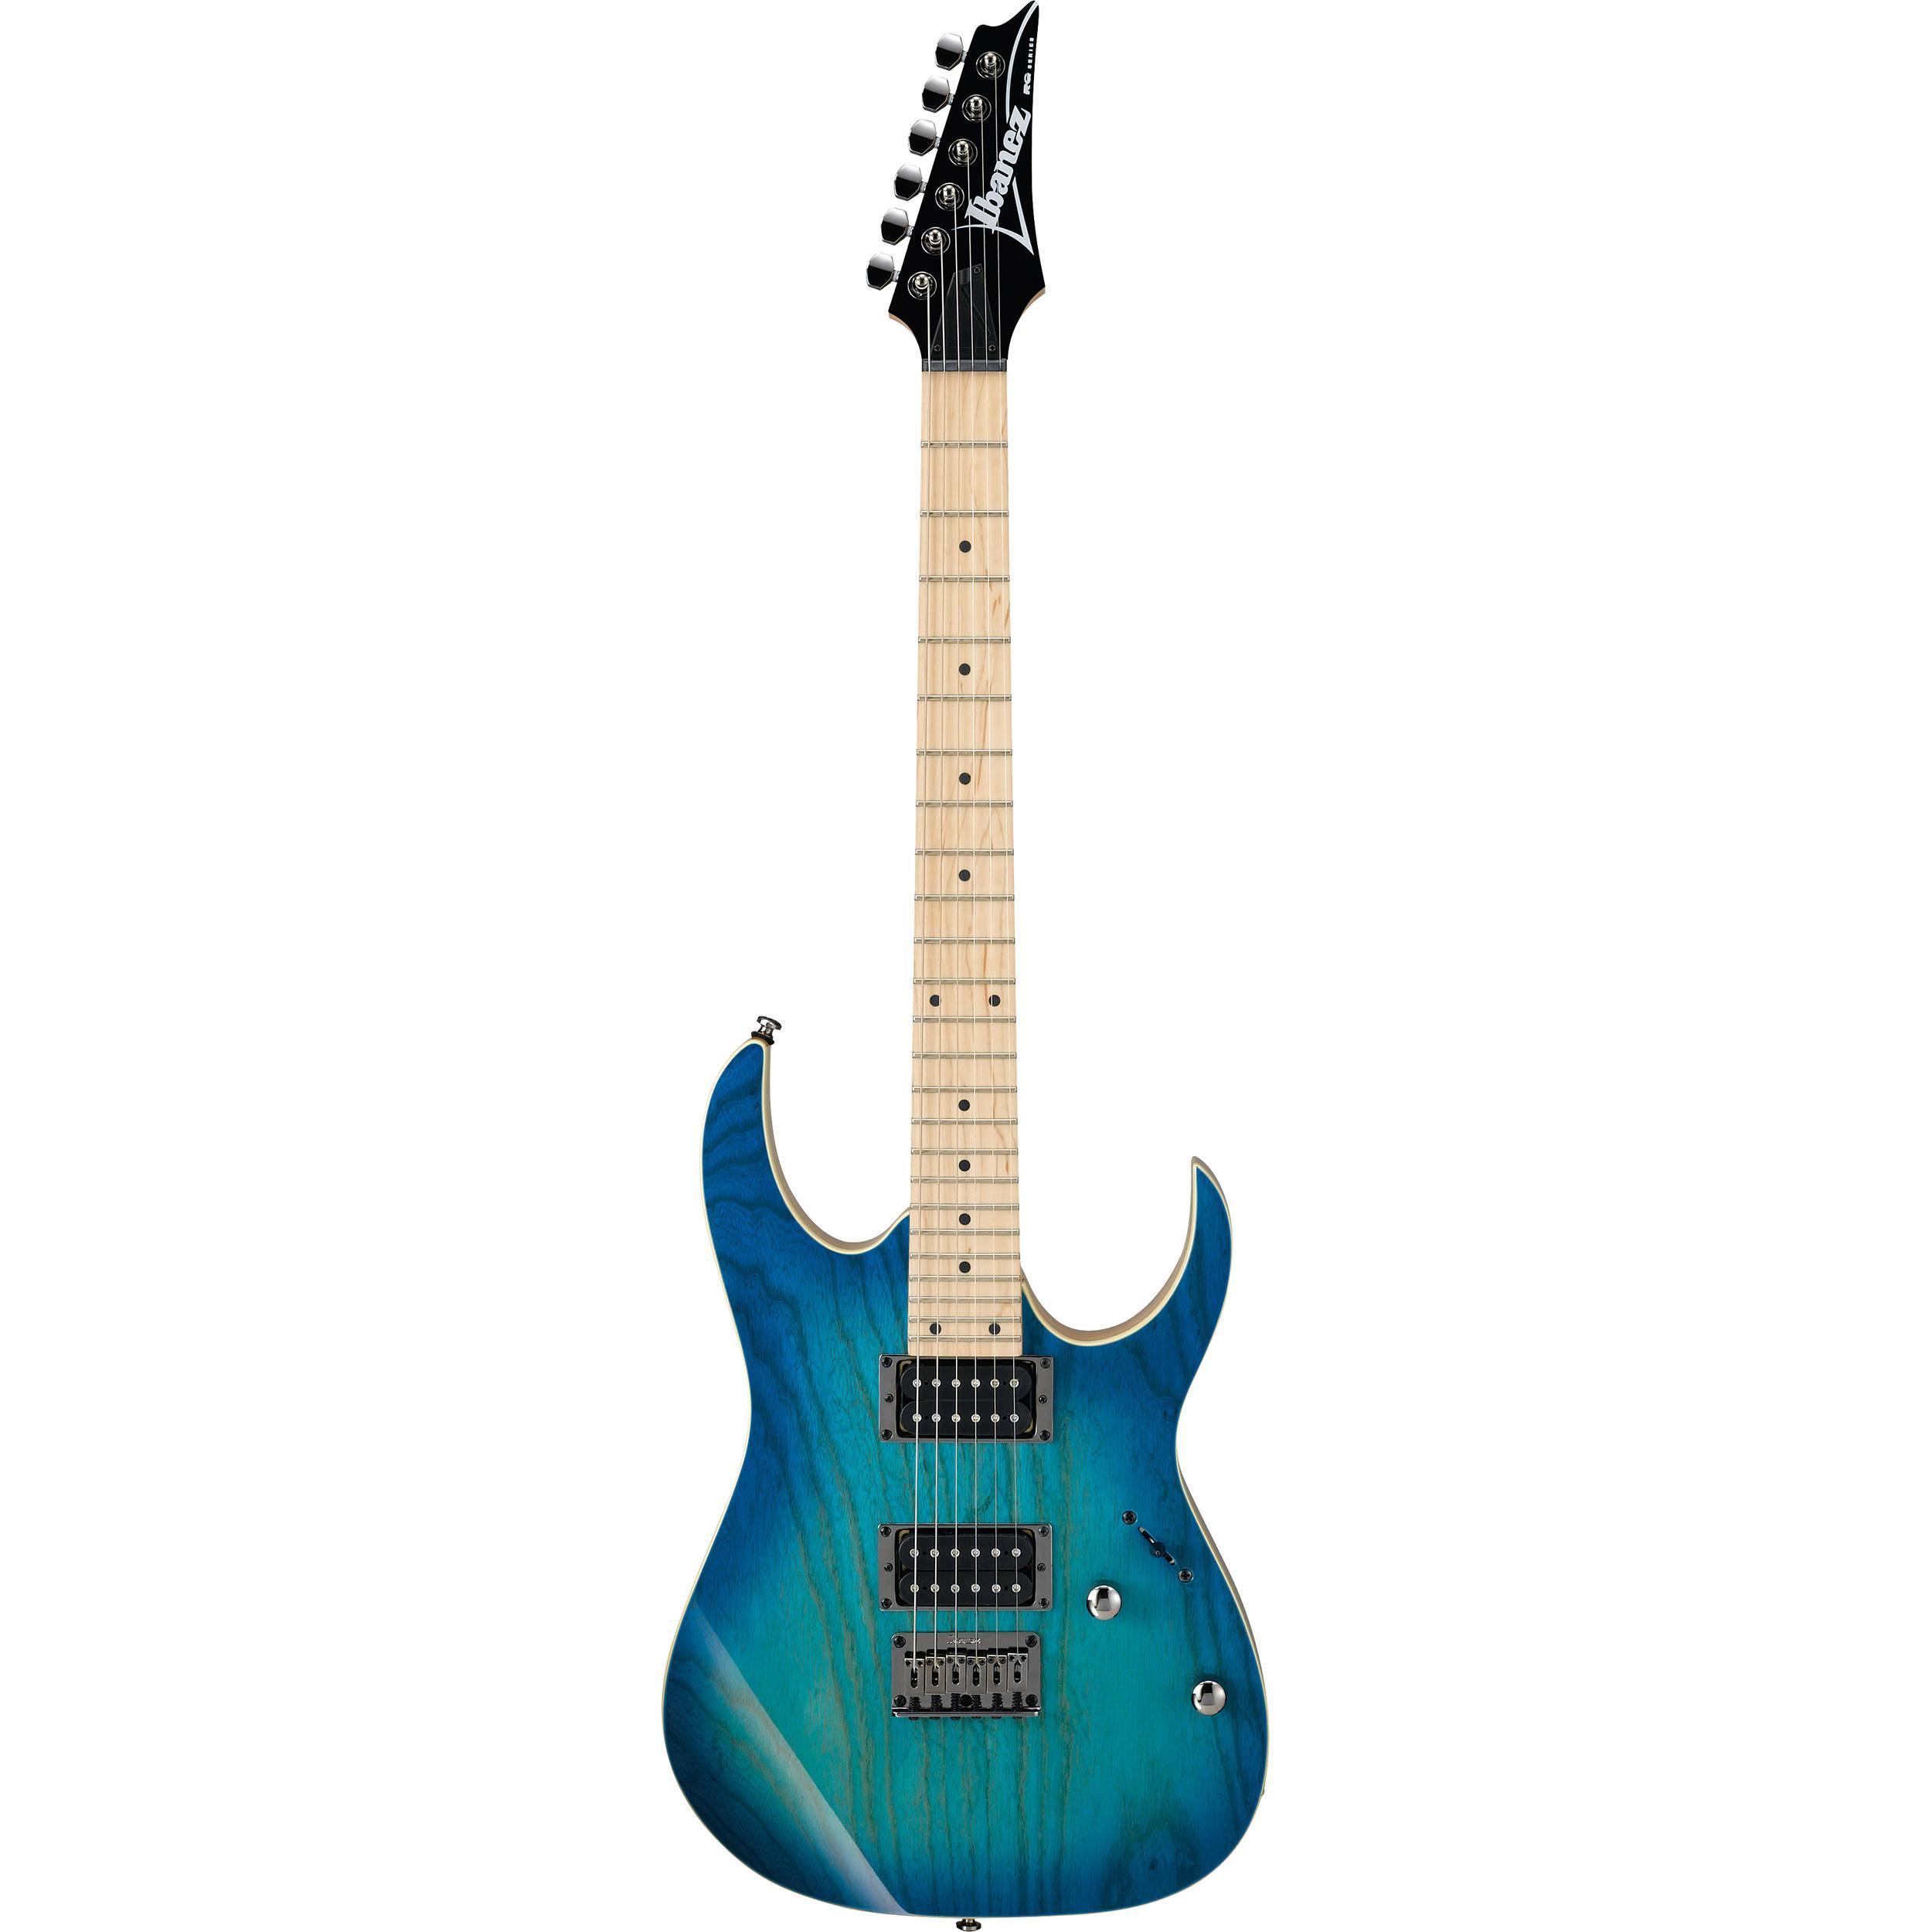 Ibanez RG421AHM RG Standard Series Electric Guitar (Blue Moon Burst)